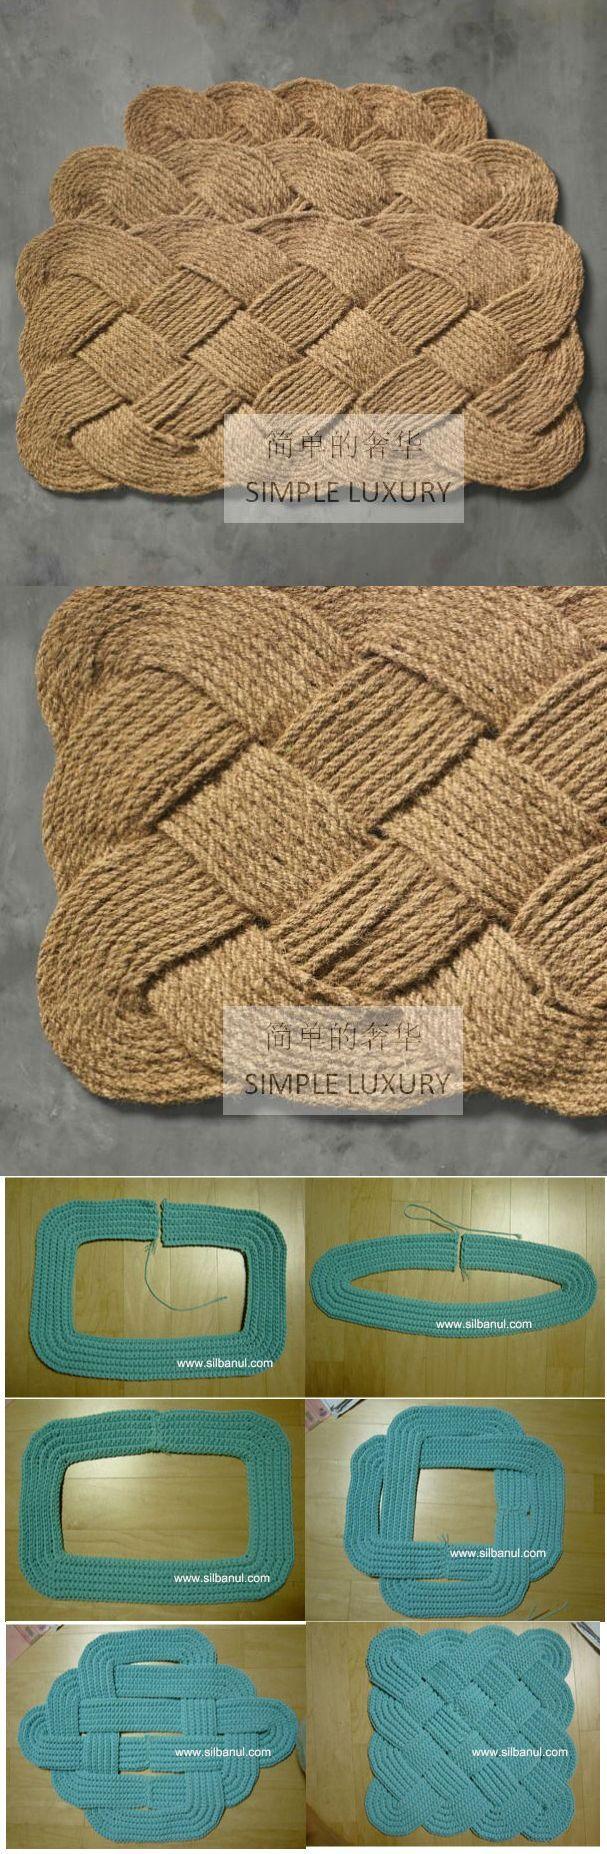 Una alfombra que se haya recibido antes de este tutorial, no me esperaba una gran sensación otra línea.